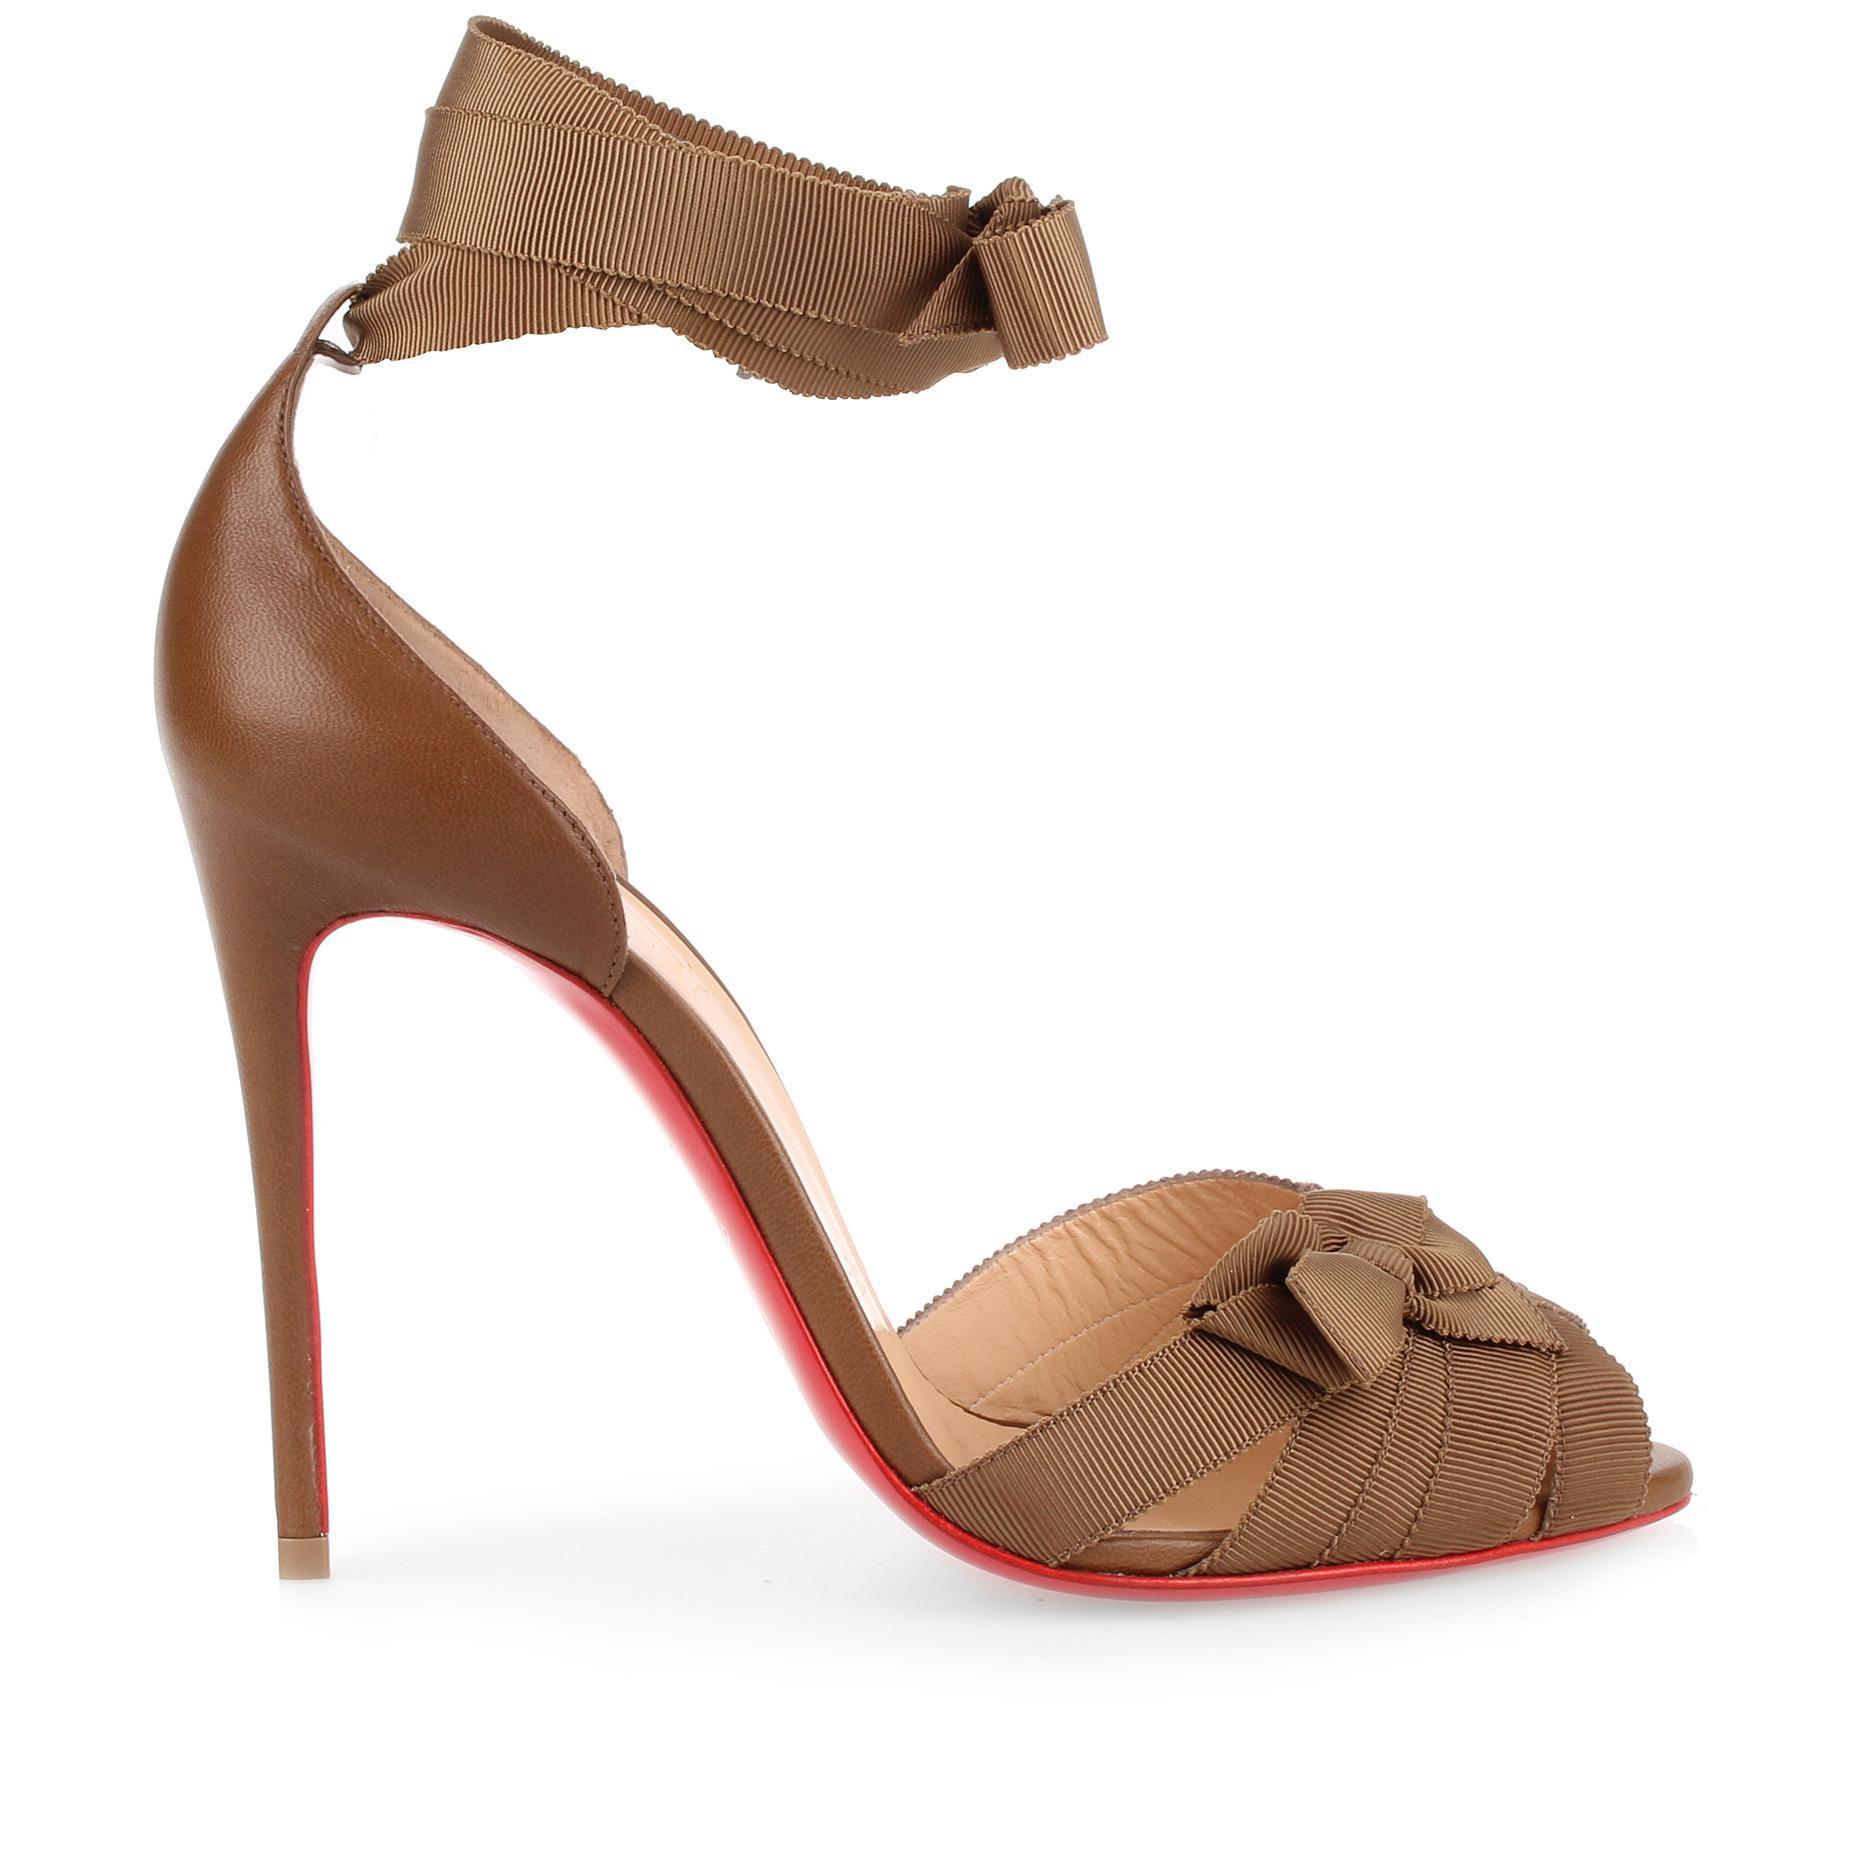 Christeriva 100 tan grosgrain sandal Christian Louboutin Tlrz3K